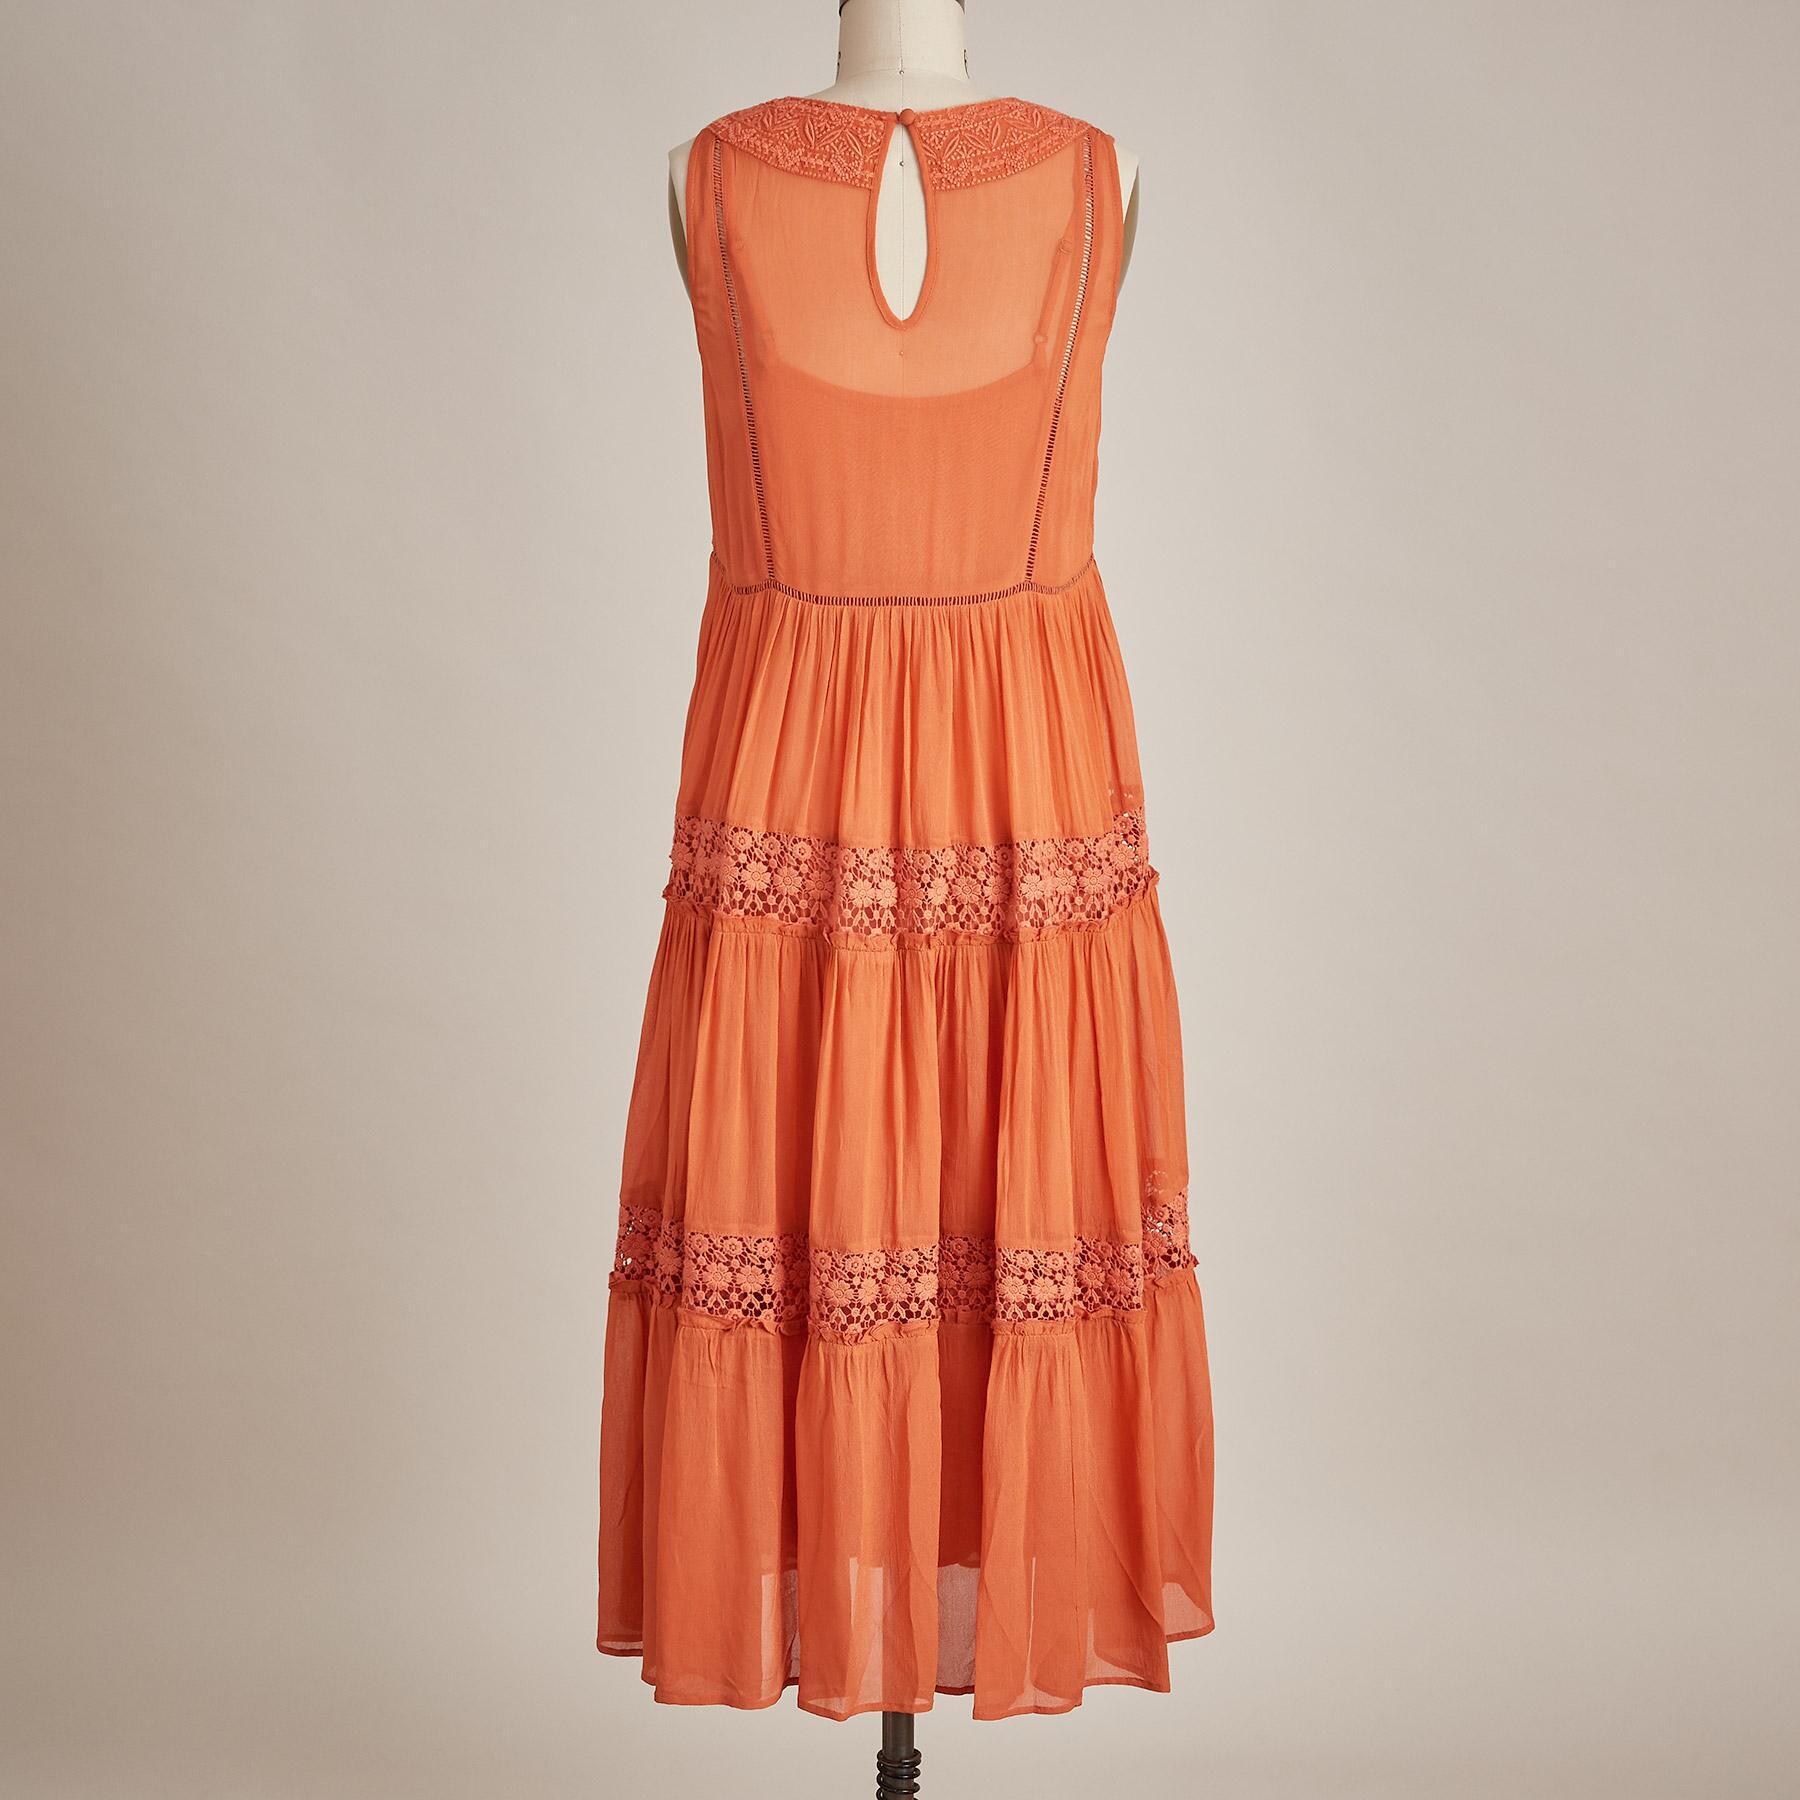 YASMINA DRESS - PETITE: View 3